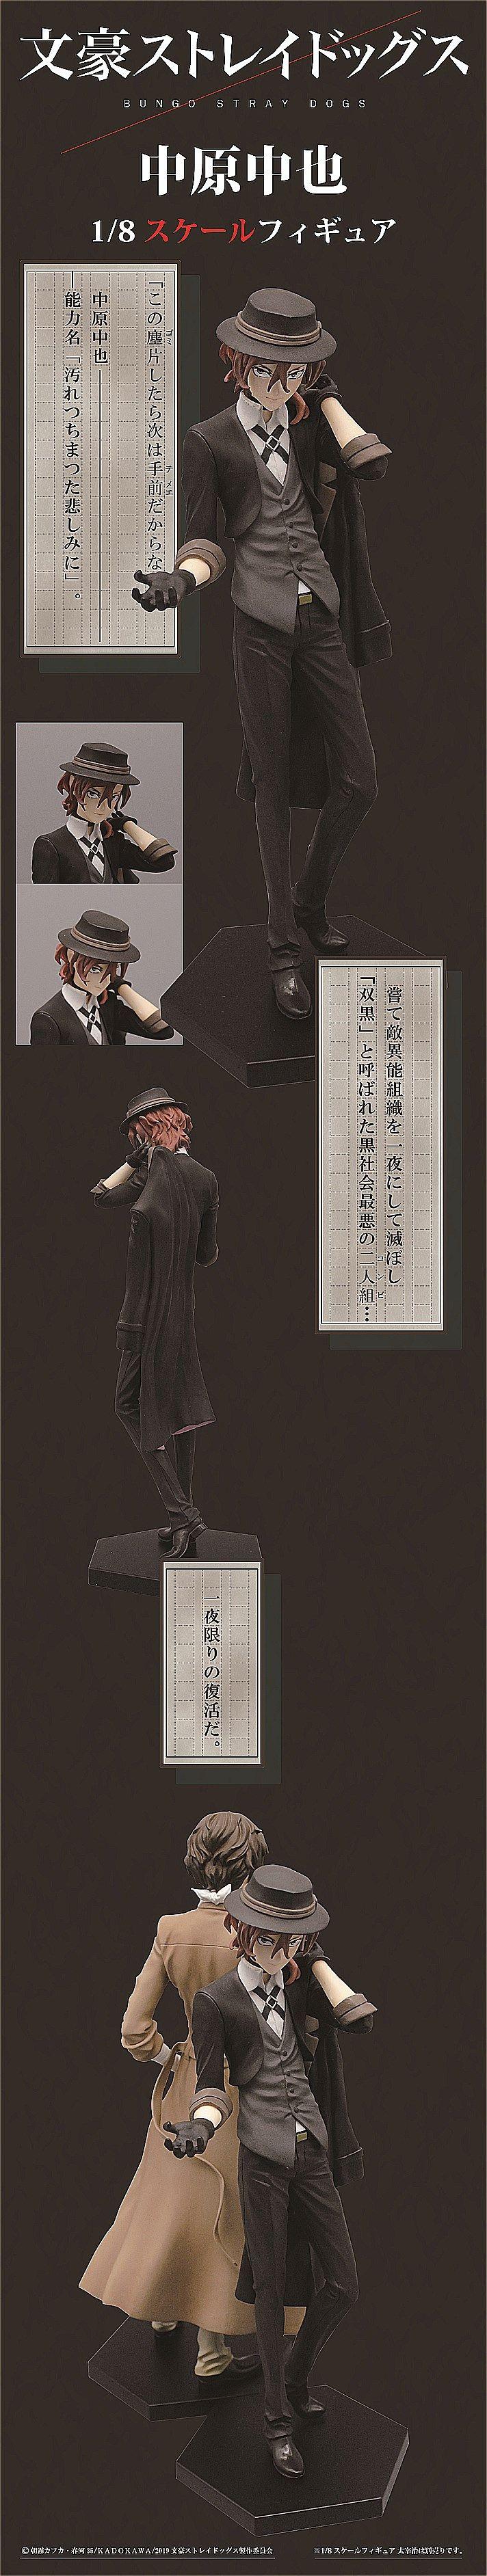 スト 也 中原 中 文